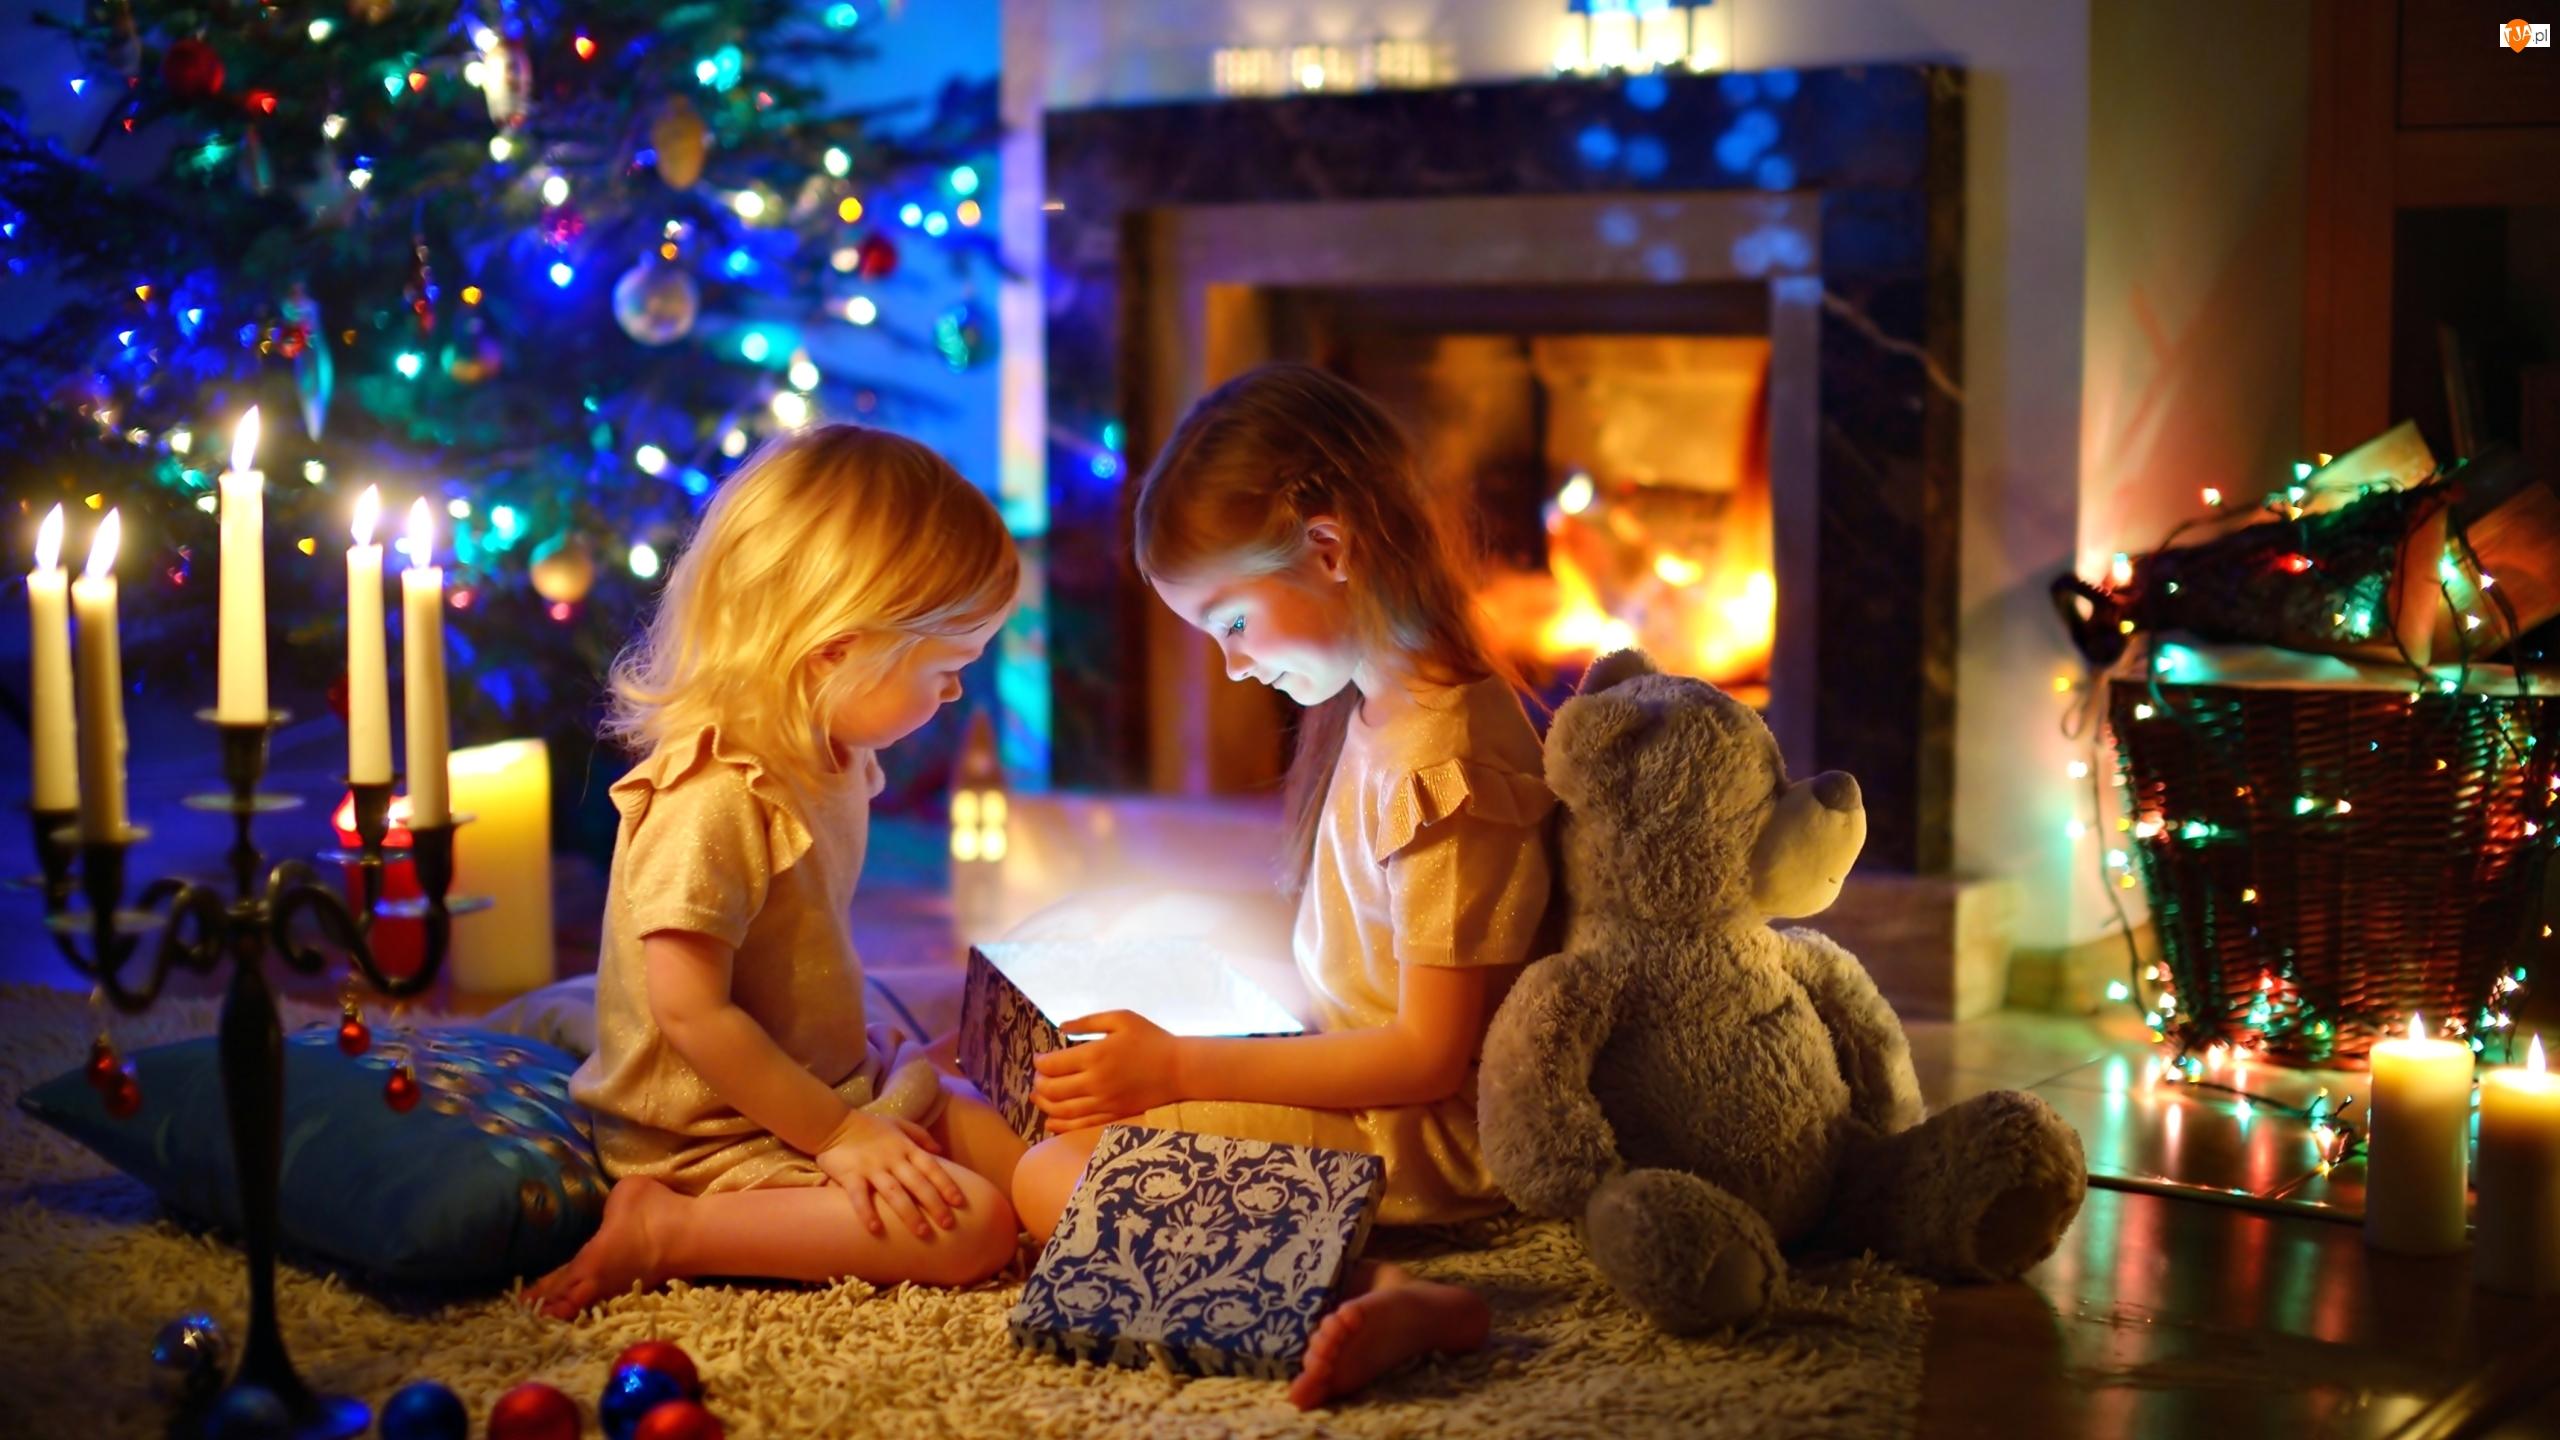 Choinka, Świecznik, Prezenty, Świece, Boże Narodzenie, Kominek, Dzieci, Miś, Pudełko, Bombki